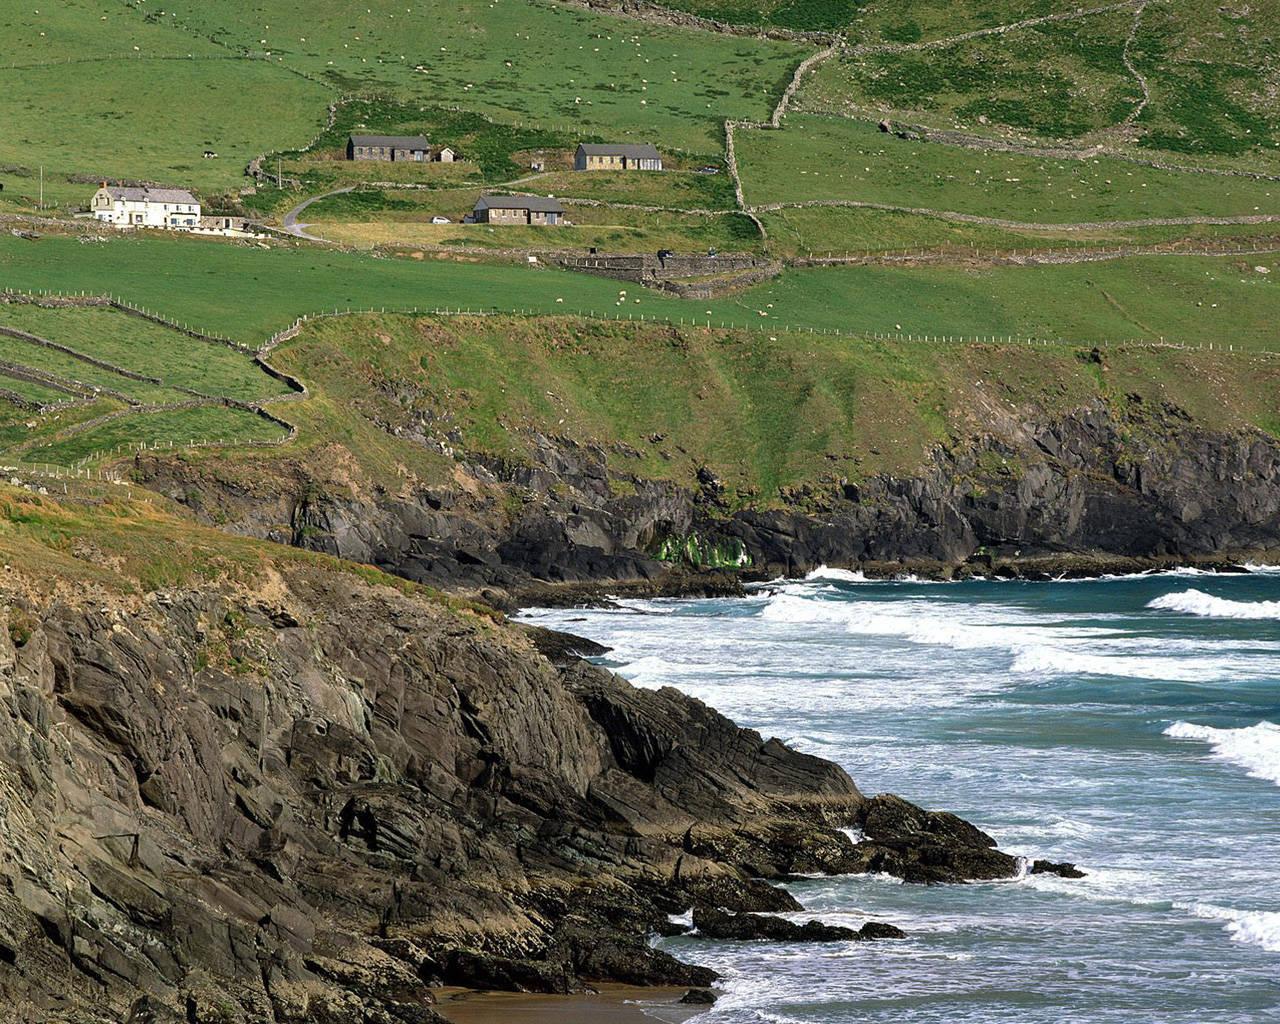 Irish scenery wallpaper